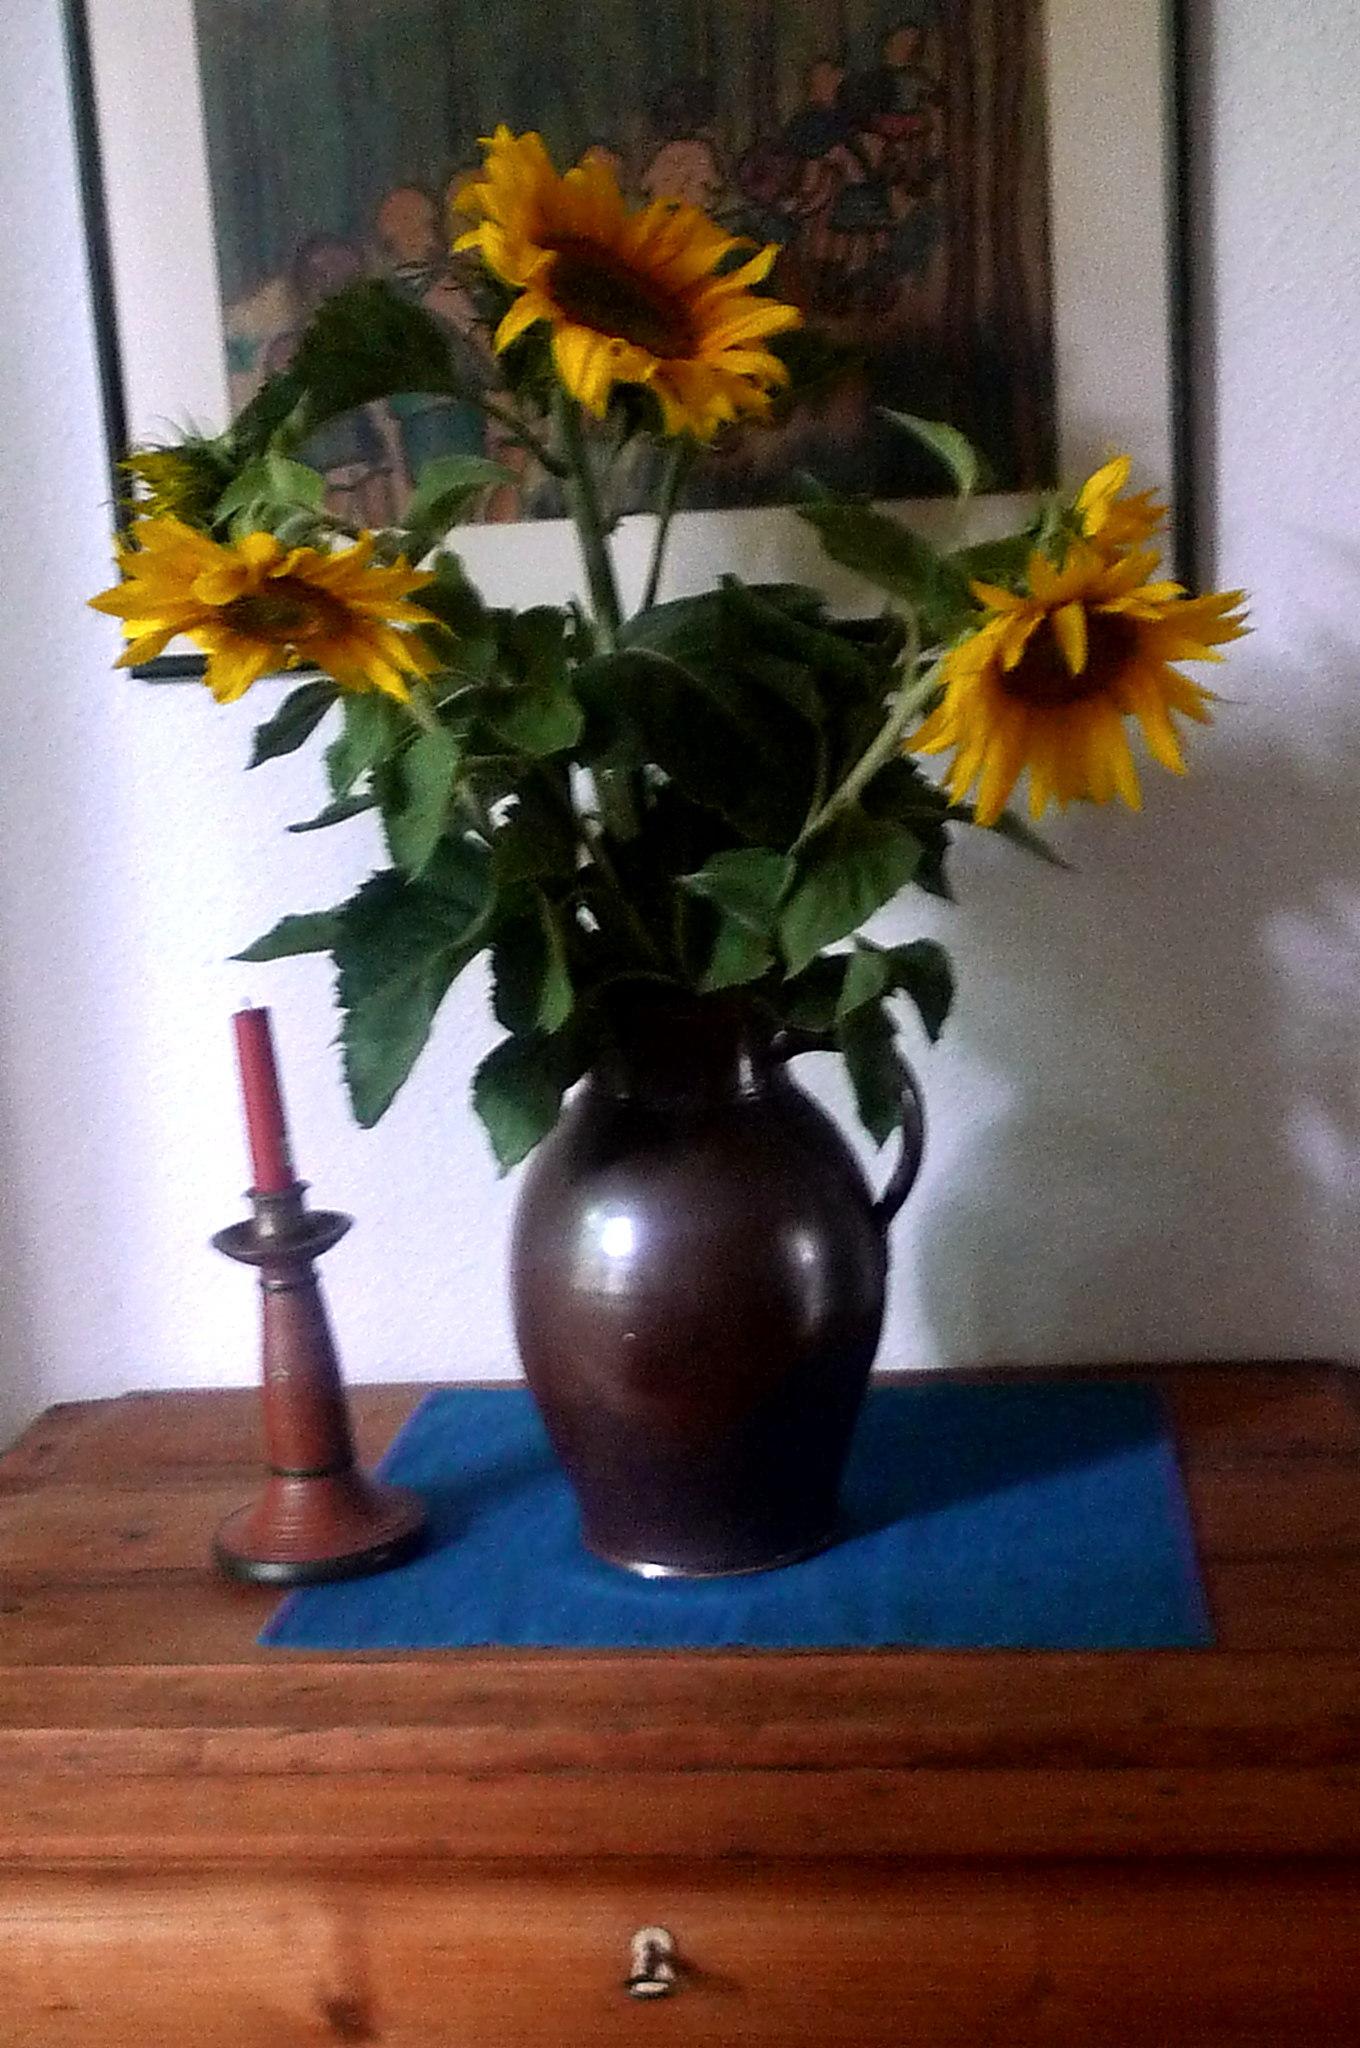 16.7.16 - Kirschernte und Sonnenblumen vom Feld (14)